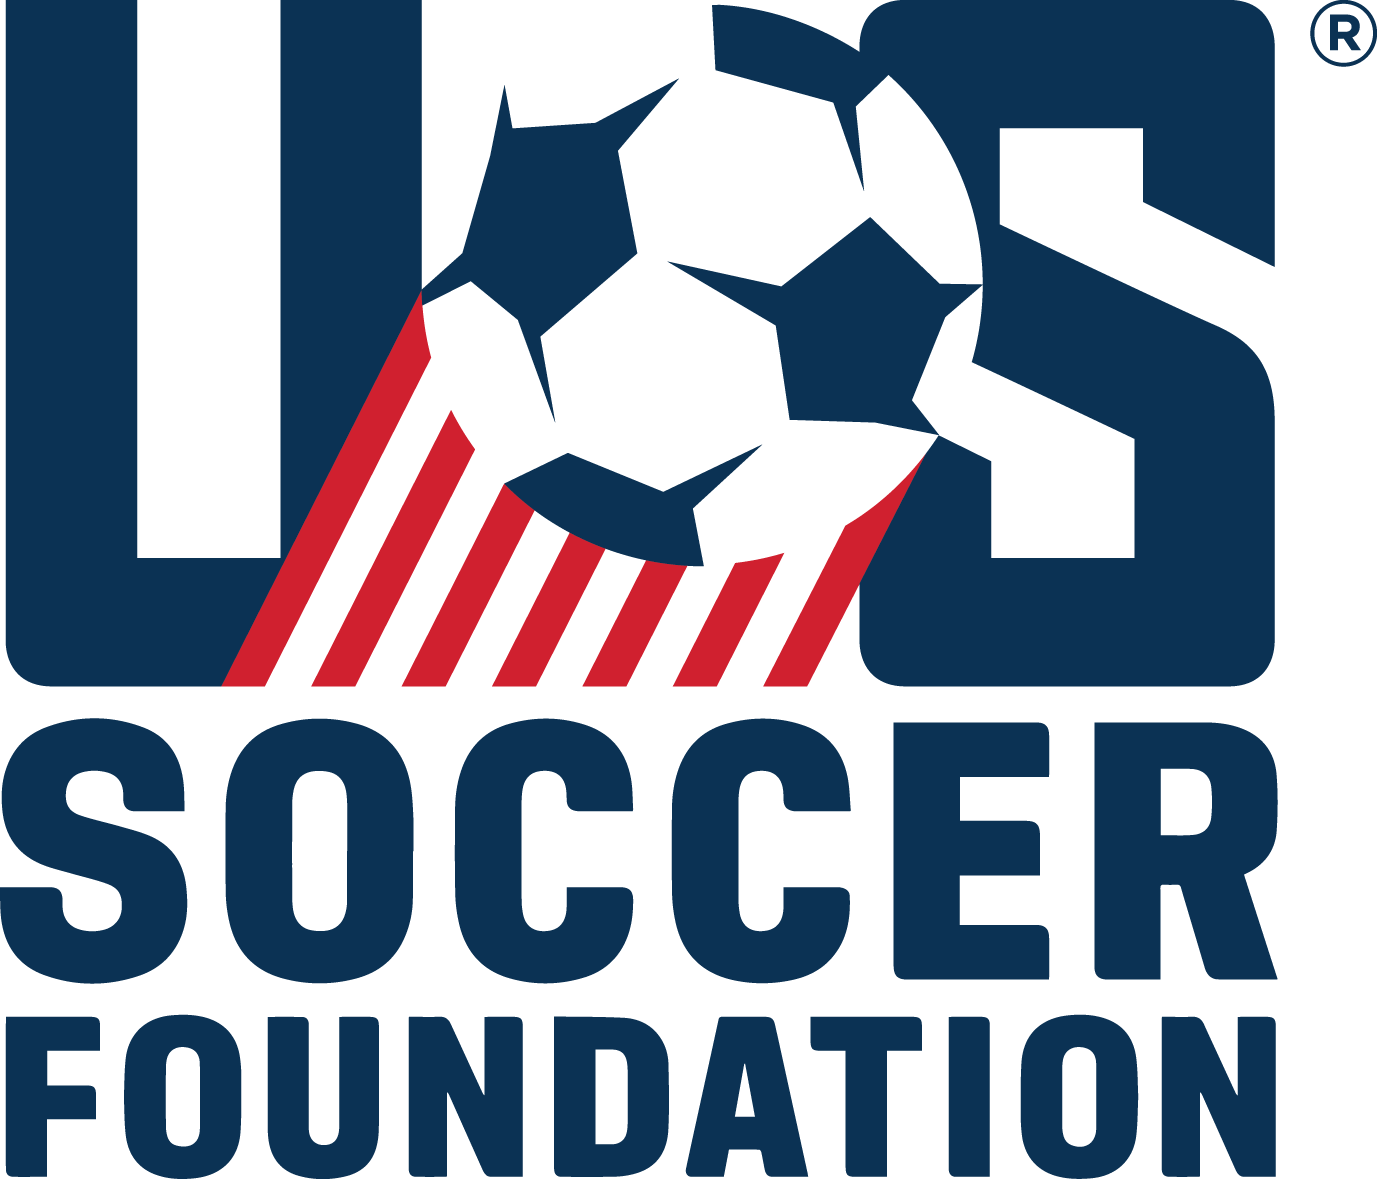 https://secureservercdn.net/198.71.233.39/ejs.c25.myftpupload.com/wp-content/uploads/2020/02/US-Soccer-BlockLogo_CMYK_Transparent.png